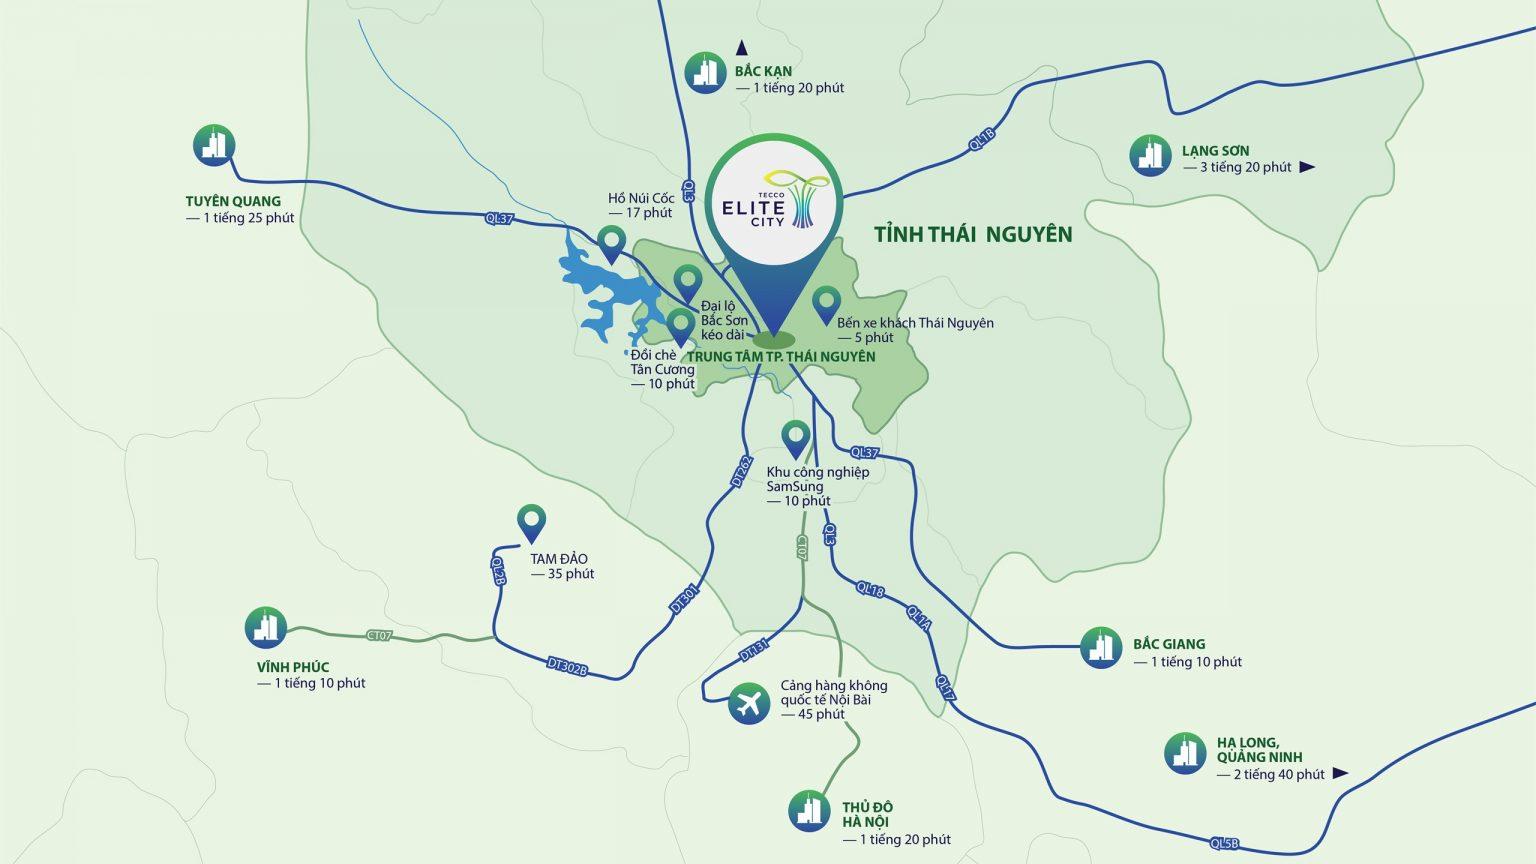 liên kết vùng dự án tecco elite city thái nguyên